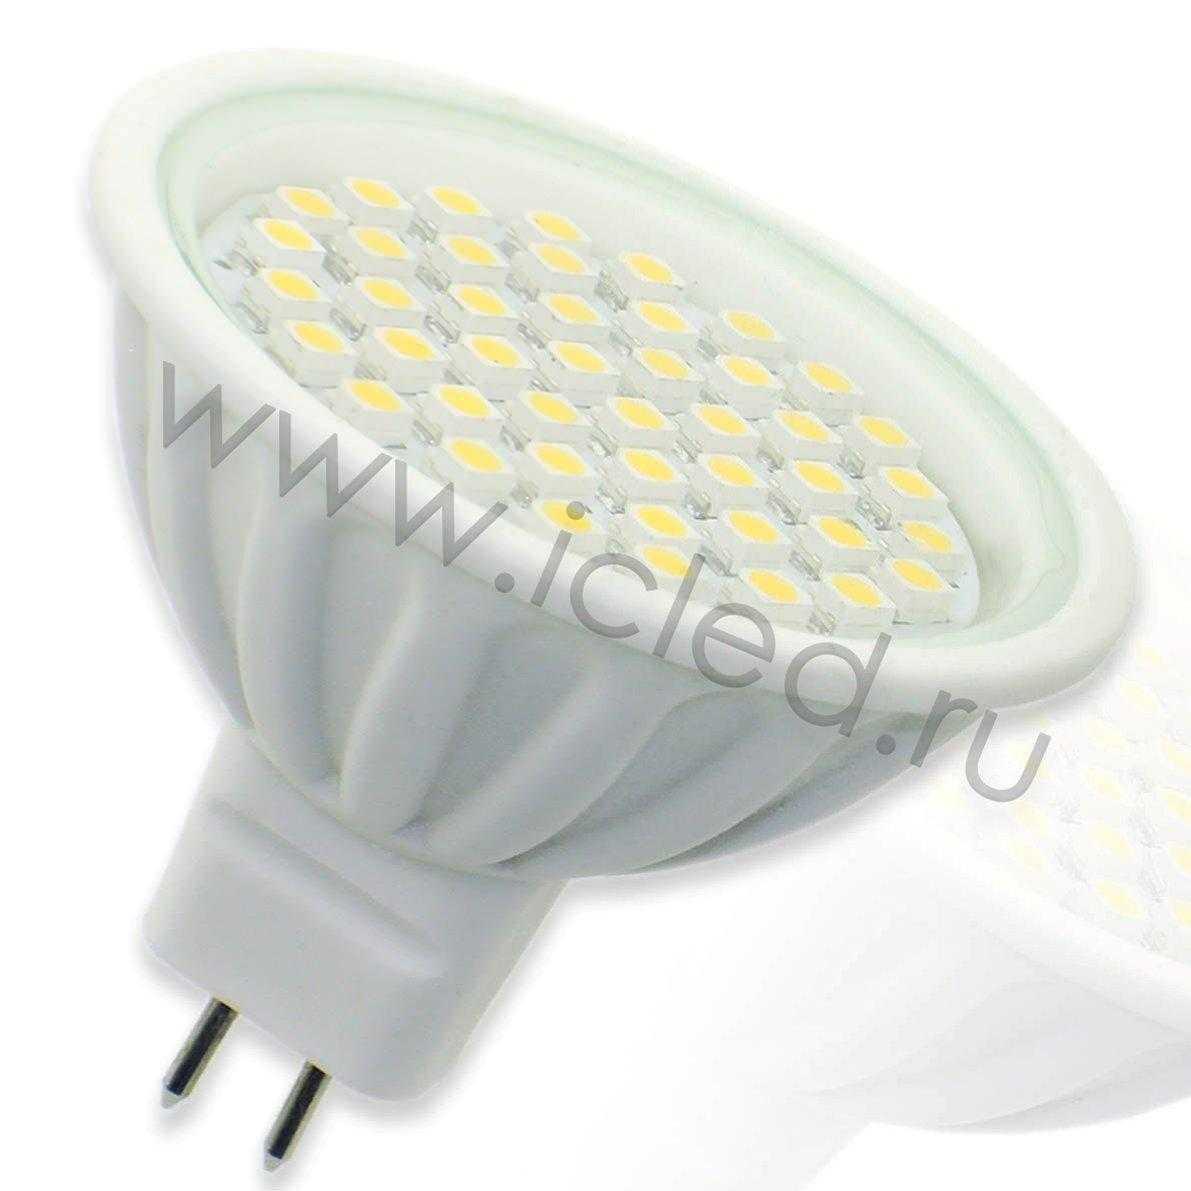 Светодиодные лампы для натяжных потолков цена  купить в